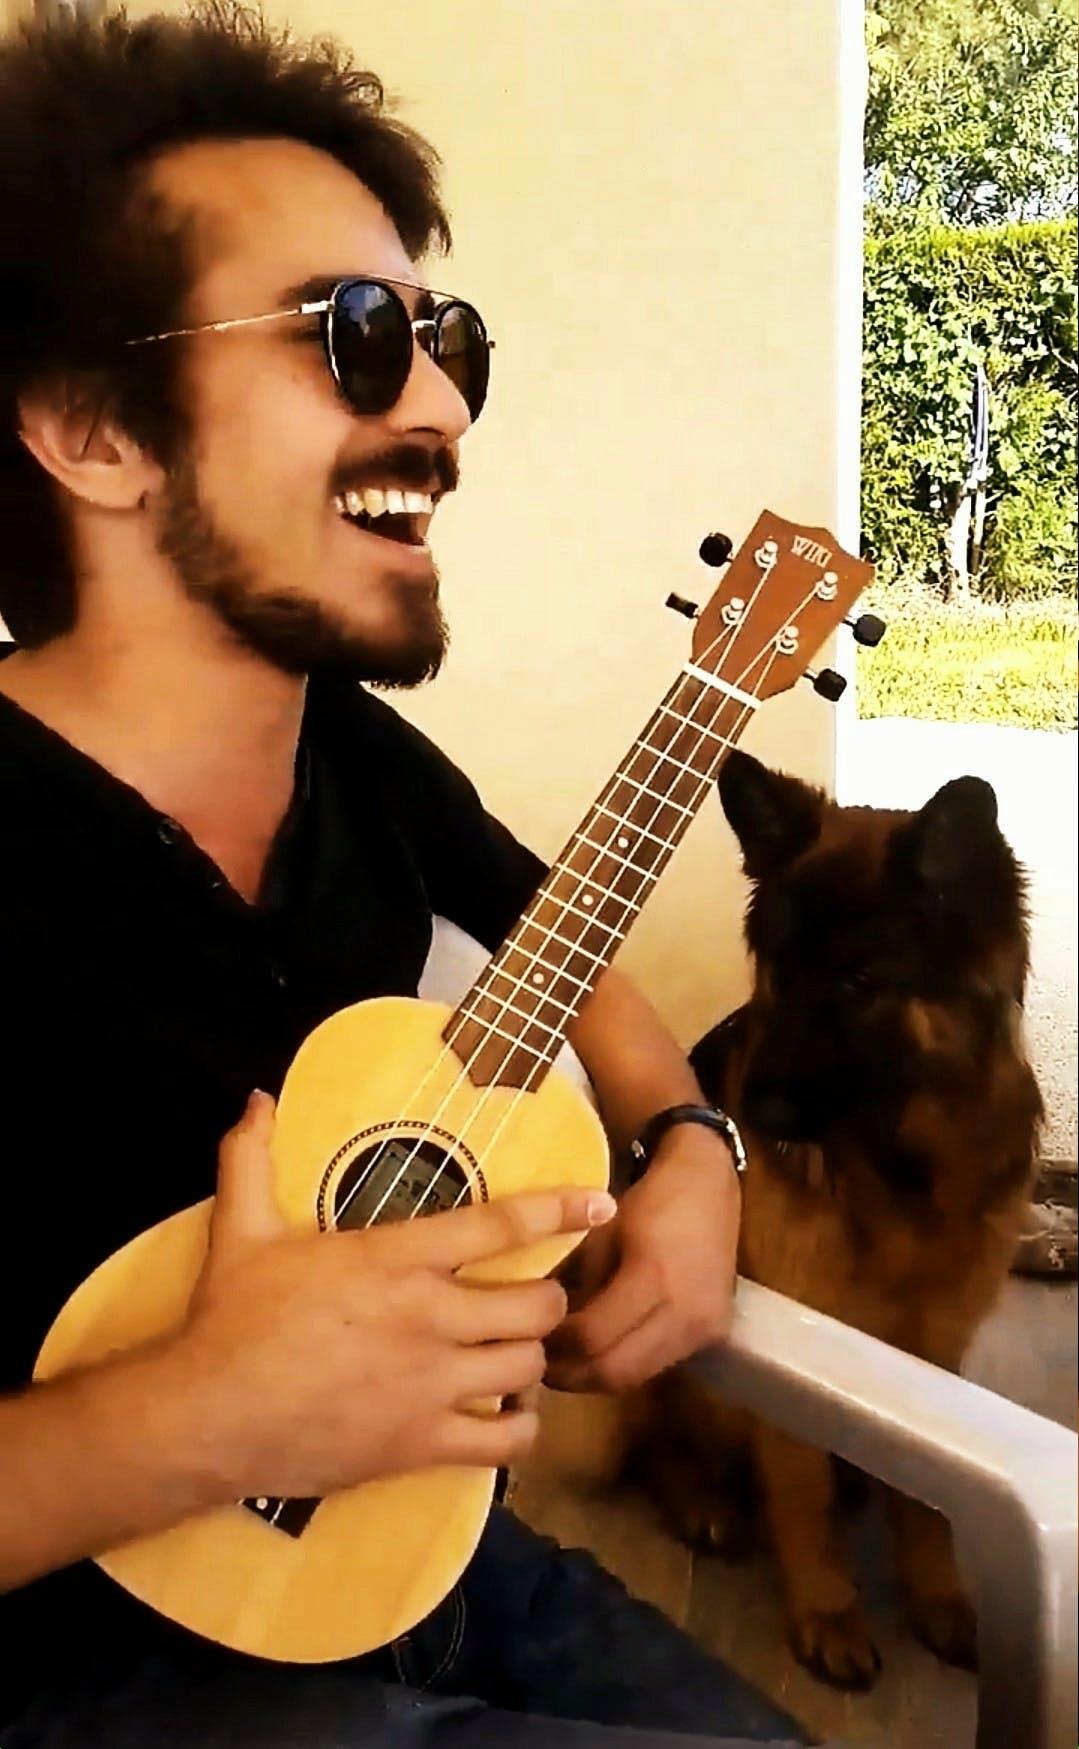 Cours de Théorie de la Musique, Guitare Basse, Guitare à Plaisir, France